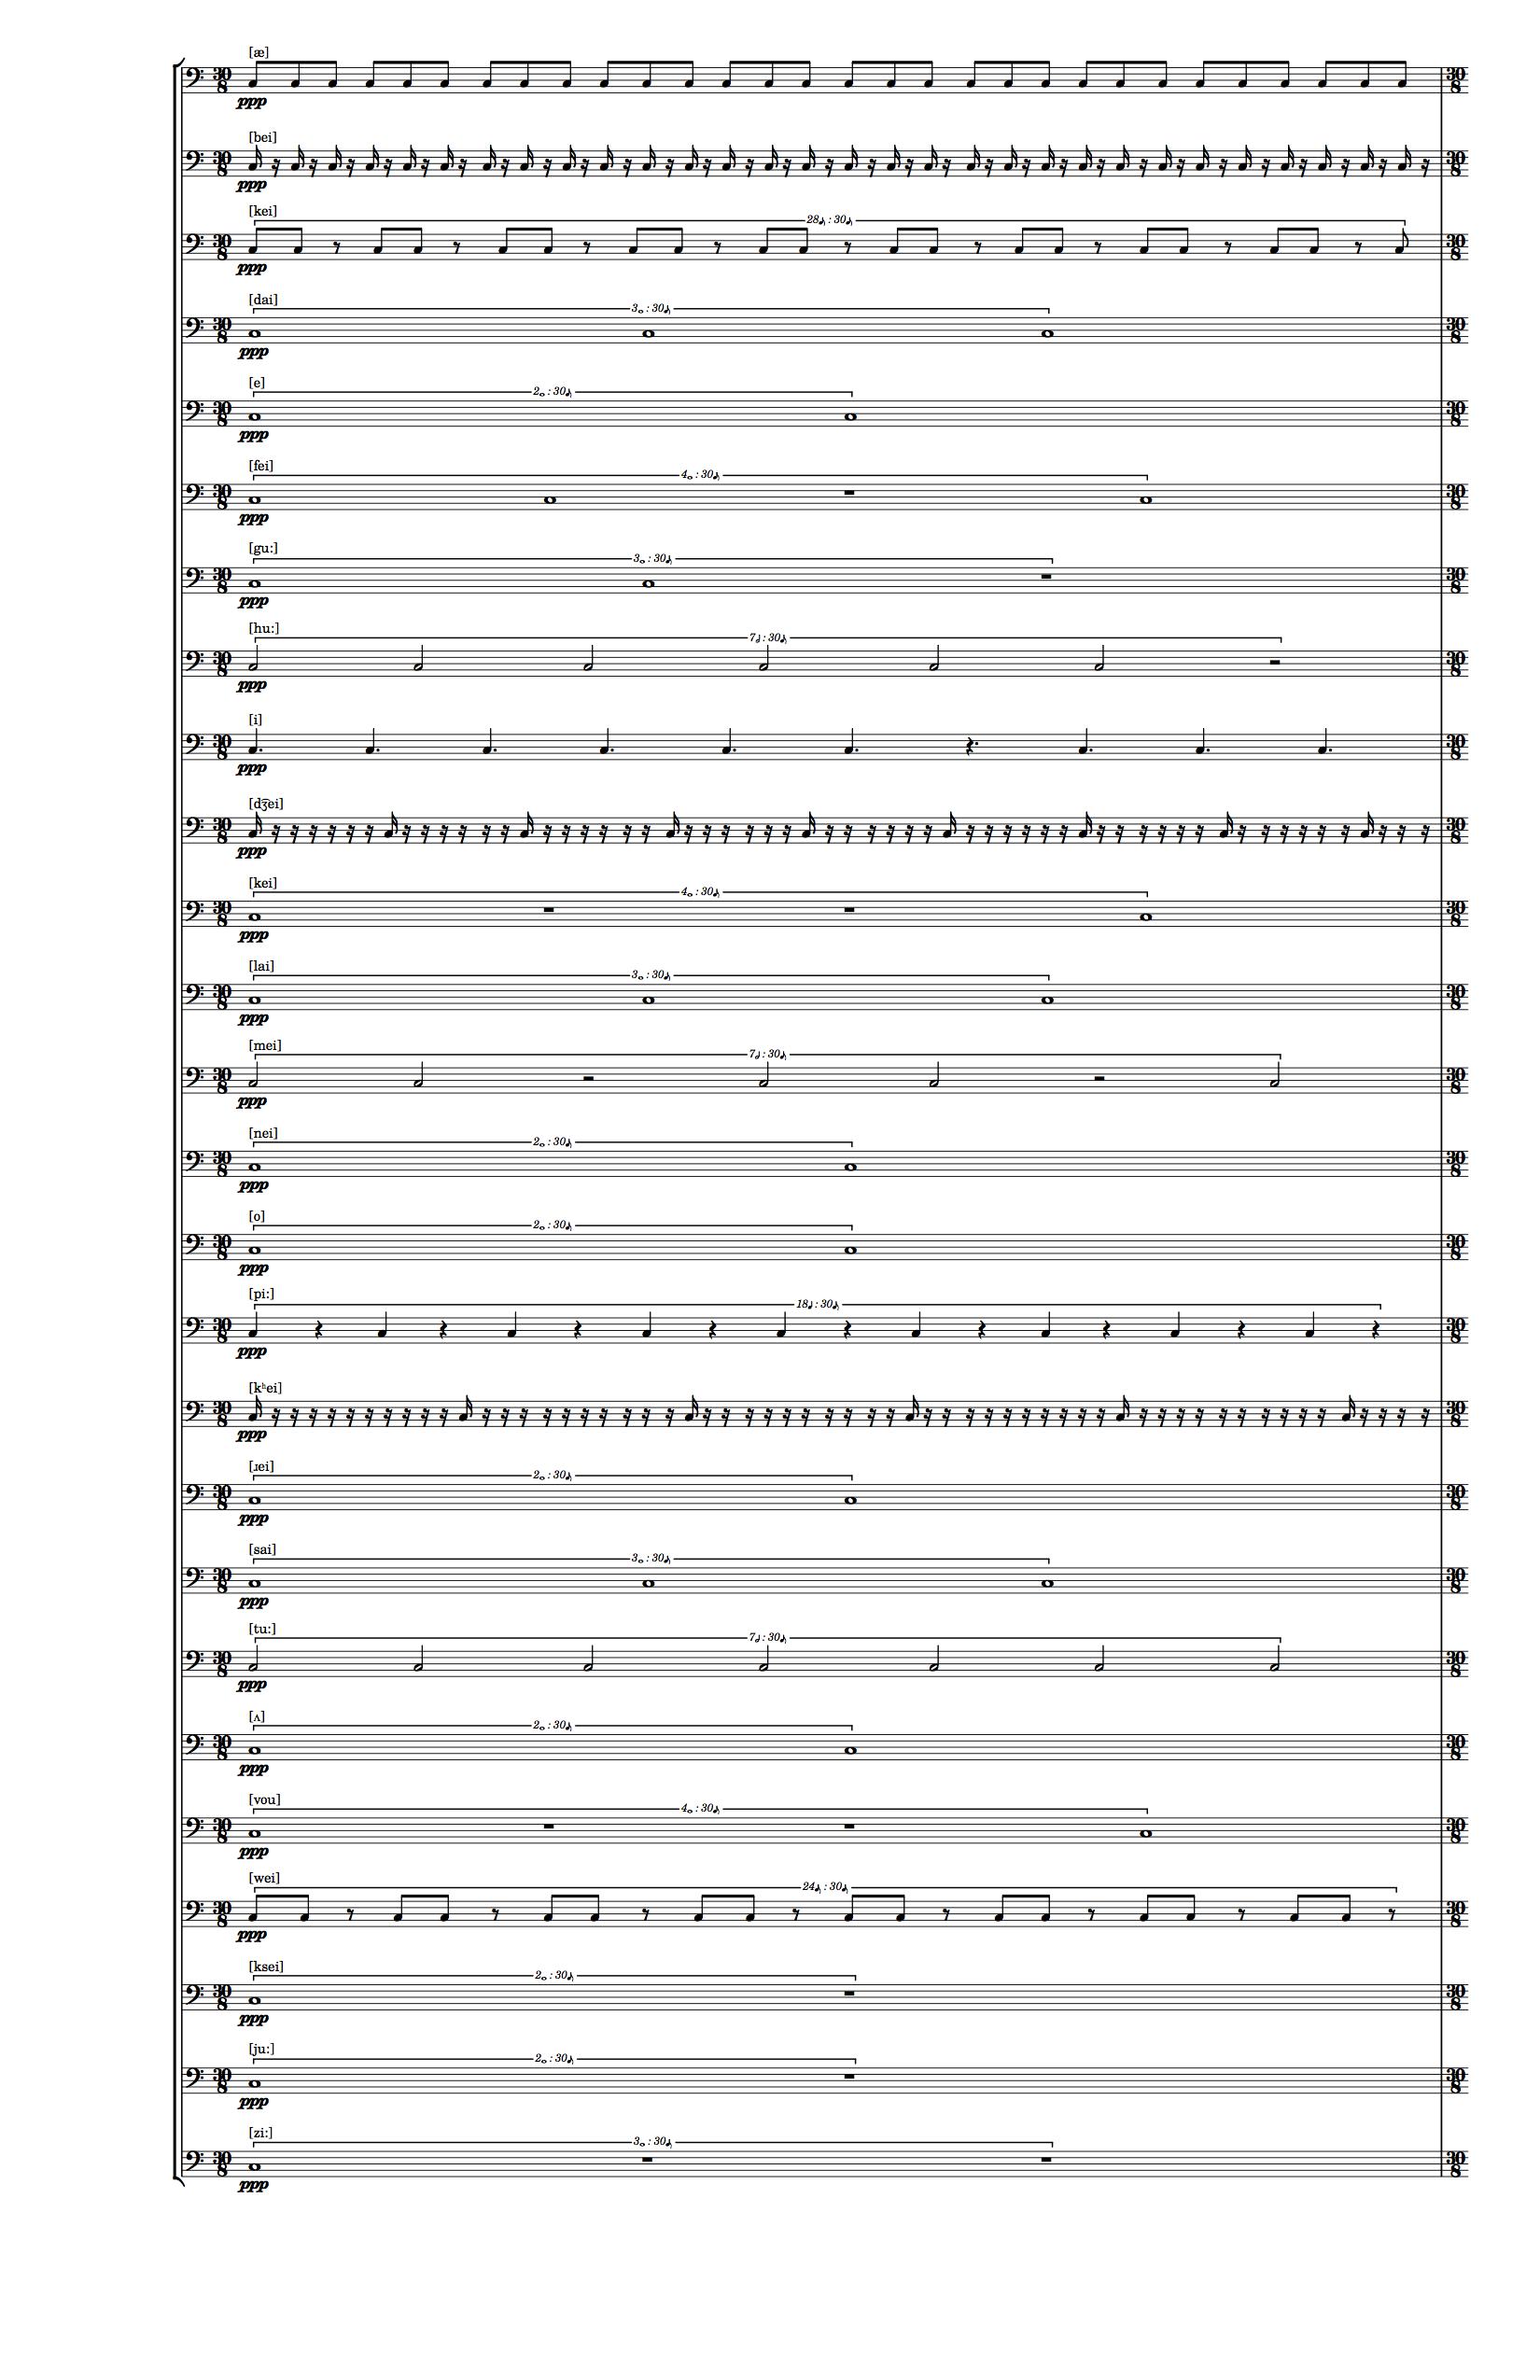 alphabet-part-9/page1_consonants.png